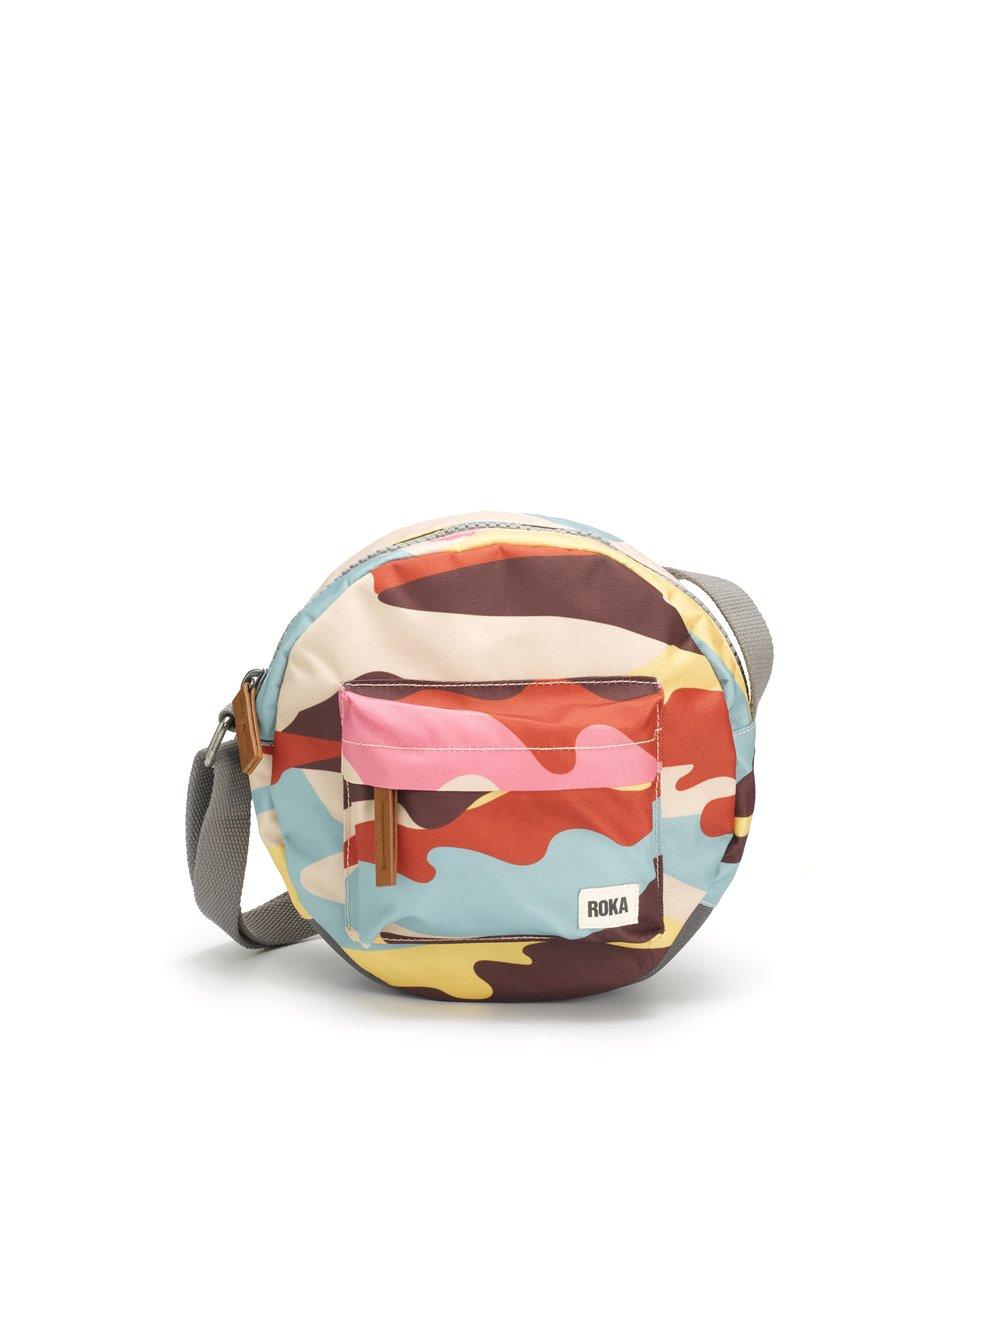 Roka Bags - Paddington B Small Crossbody - Retro Camo Sustainable